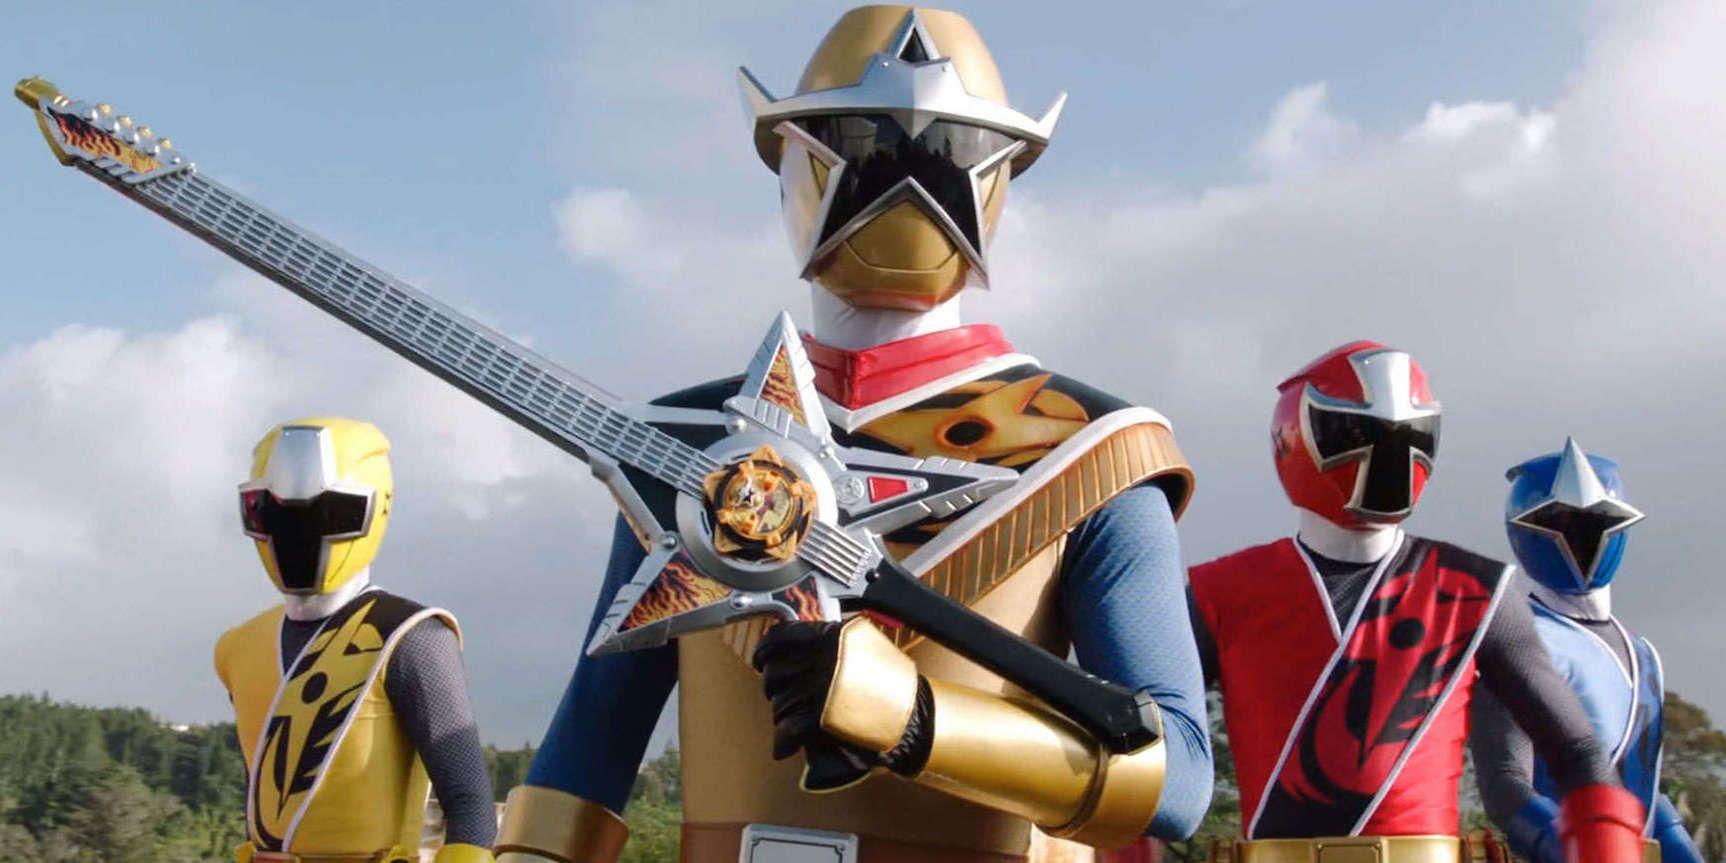 Super Ranger Hero Power Man Costume Helmet Color: Gold /& Black white style